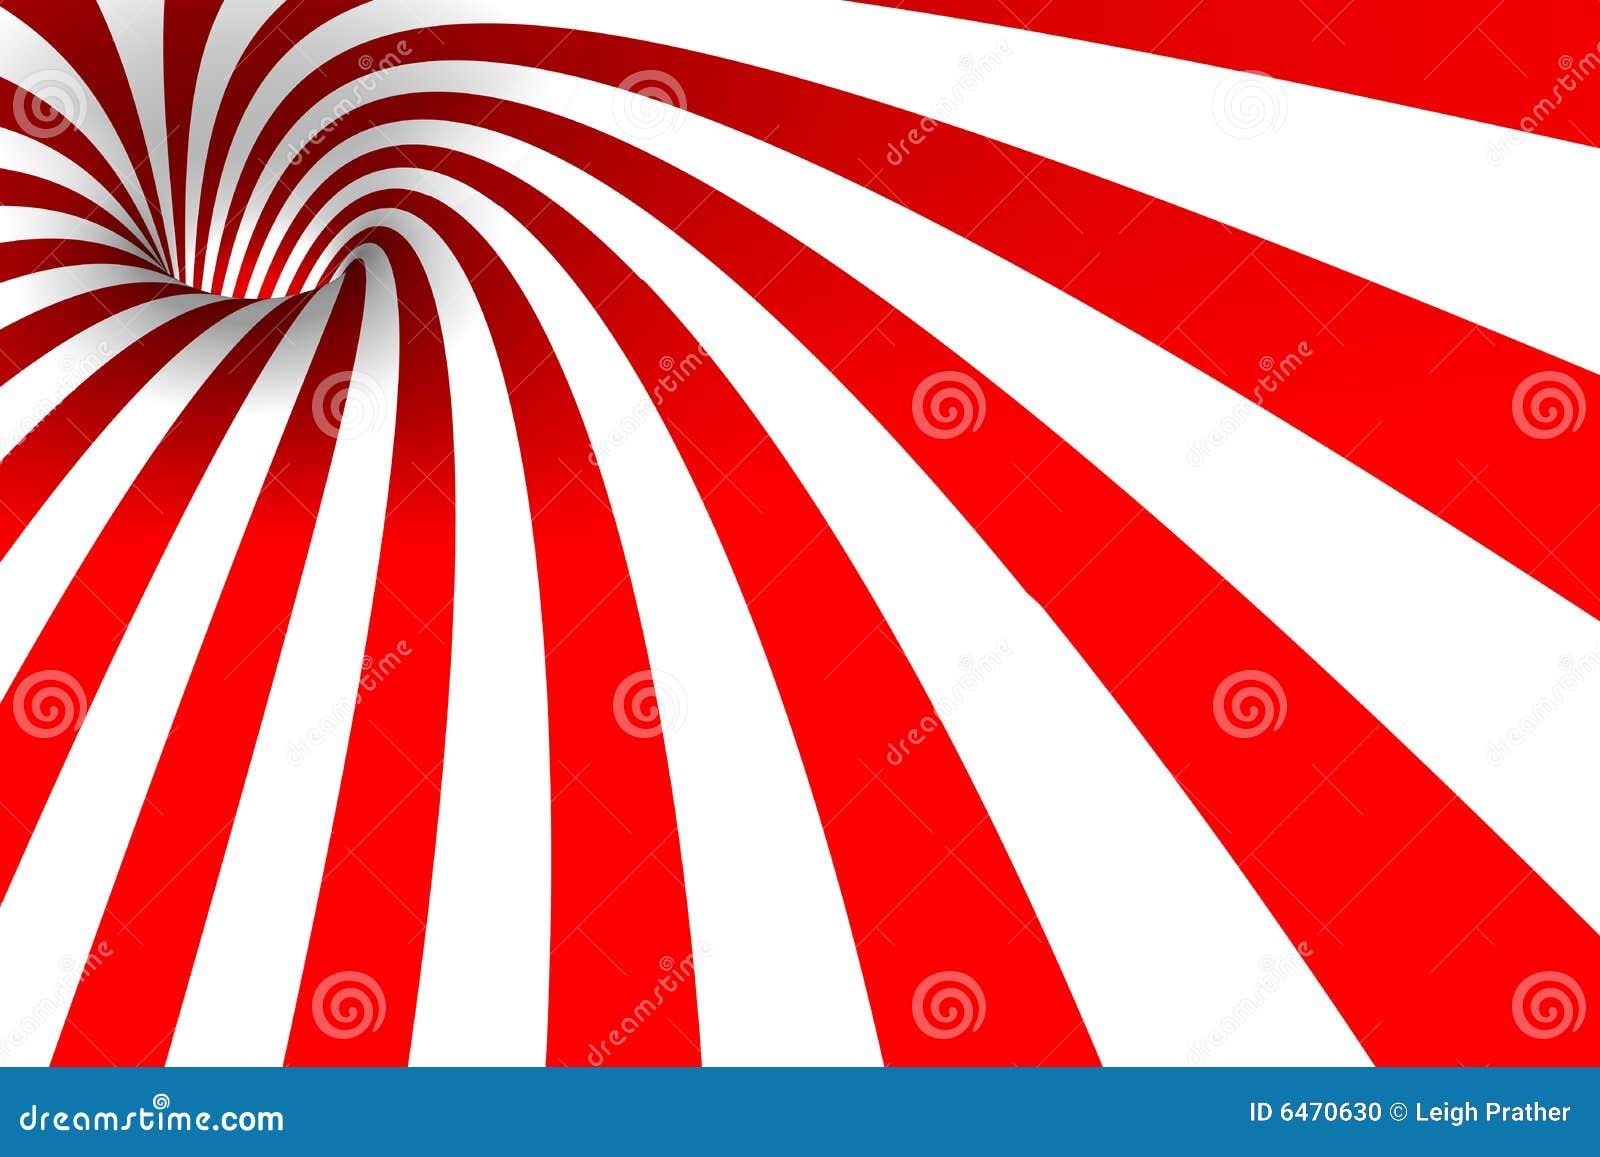 fondo rojo y blanco foto de archivo imagen 6470630